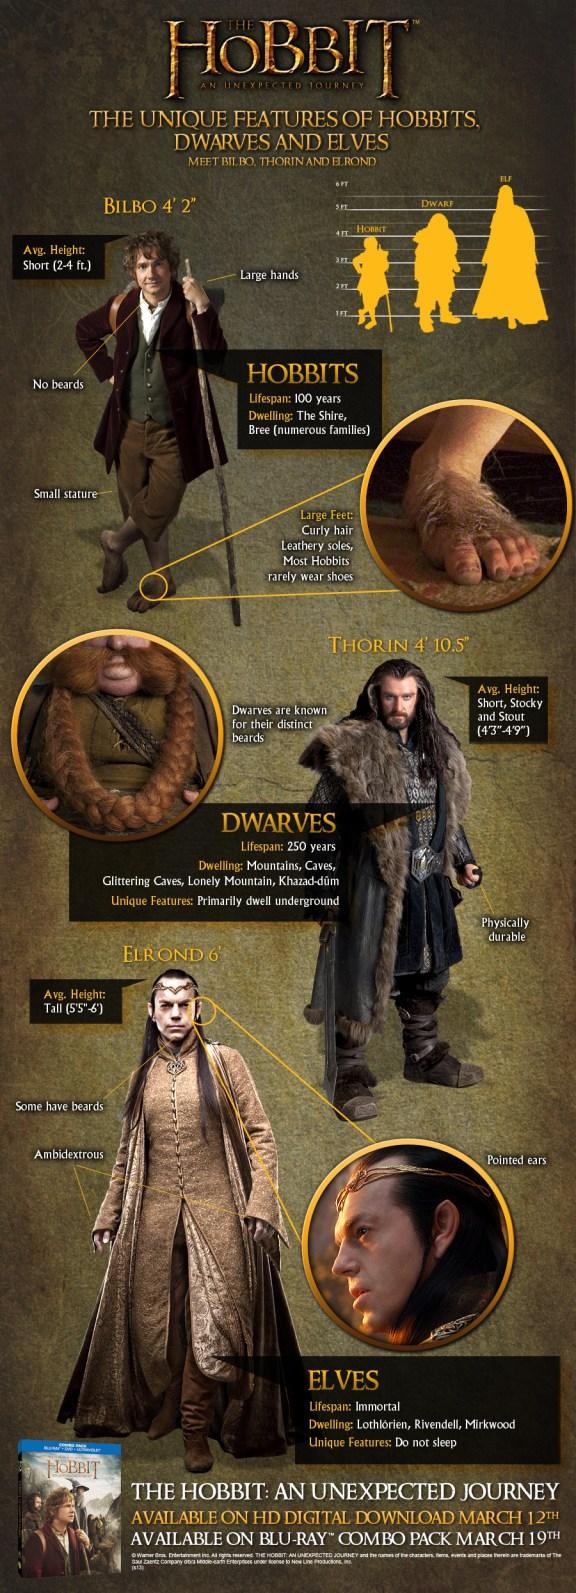 Hobbit_Infographic-UniqueFeatures